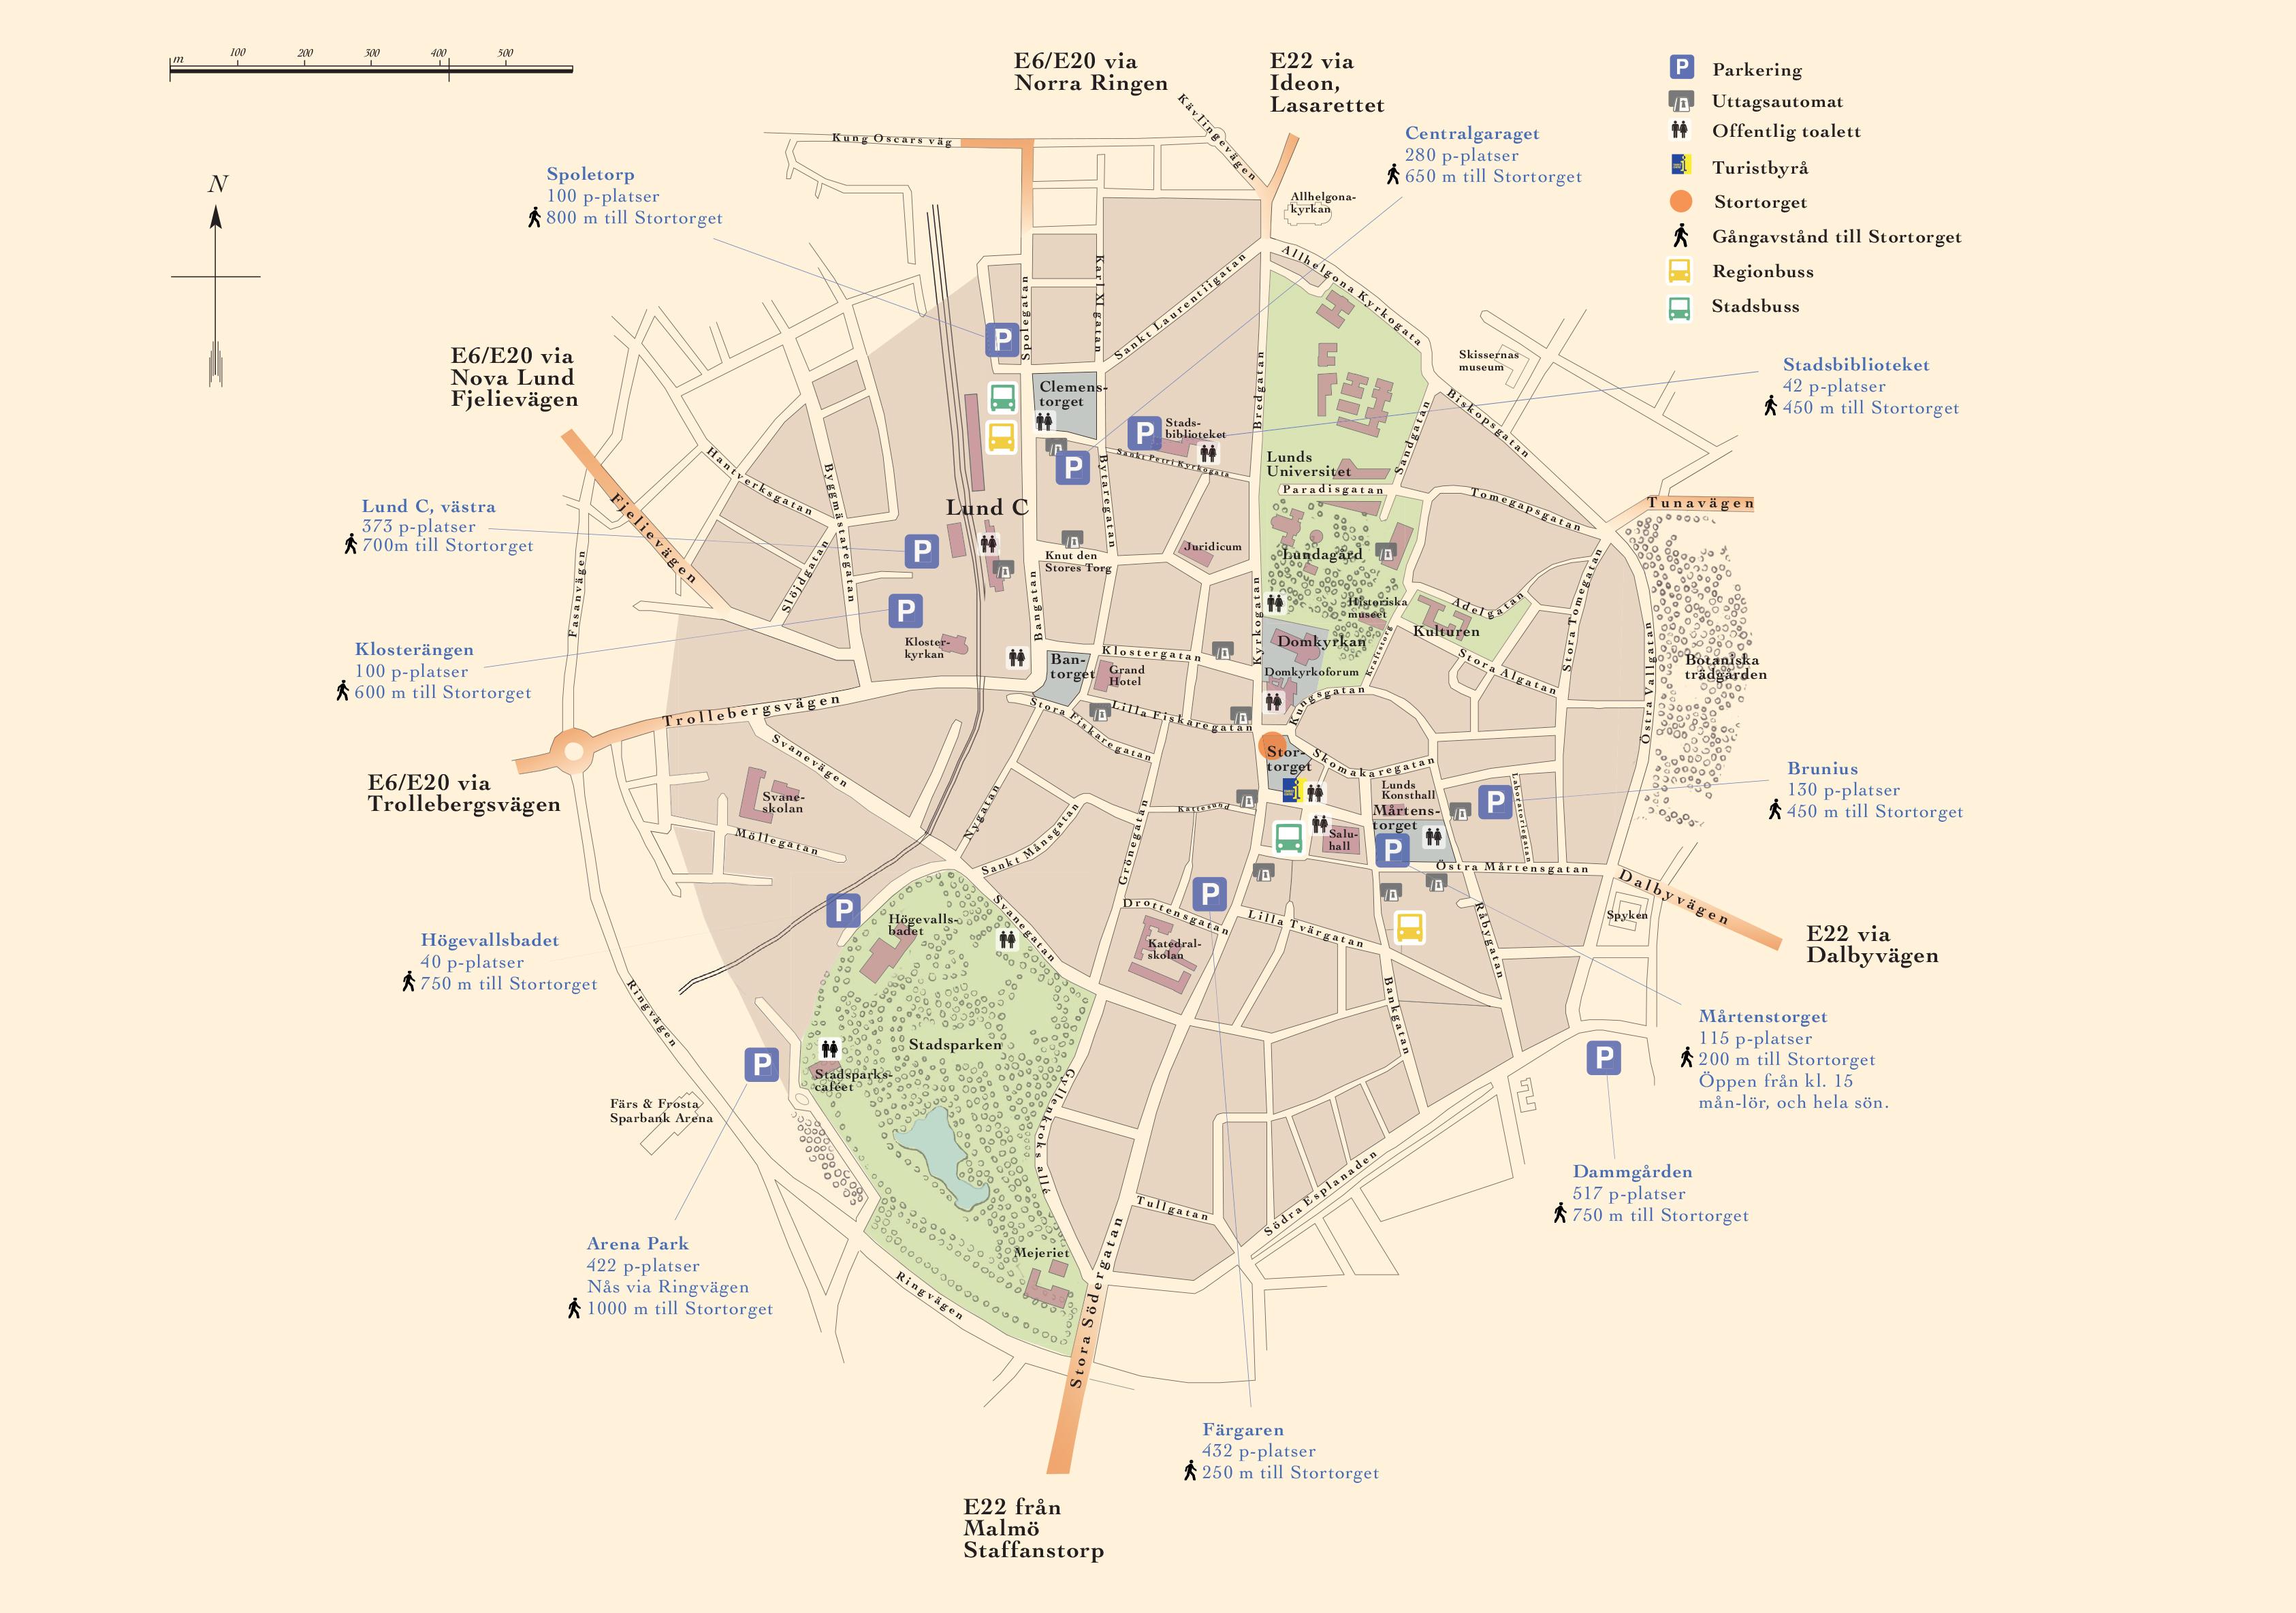 Kvinnokliniken Akademiska Sjukhuset Uppsala Karta.Kontakt Admira